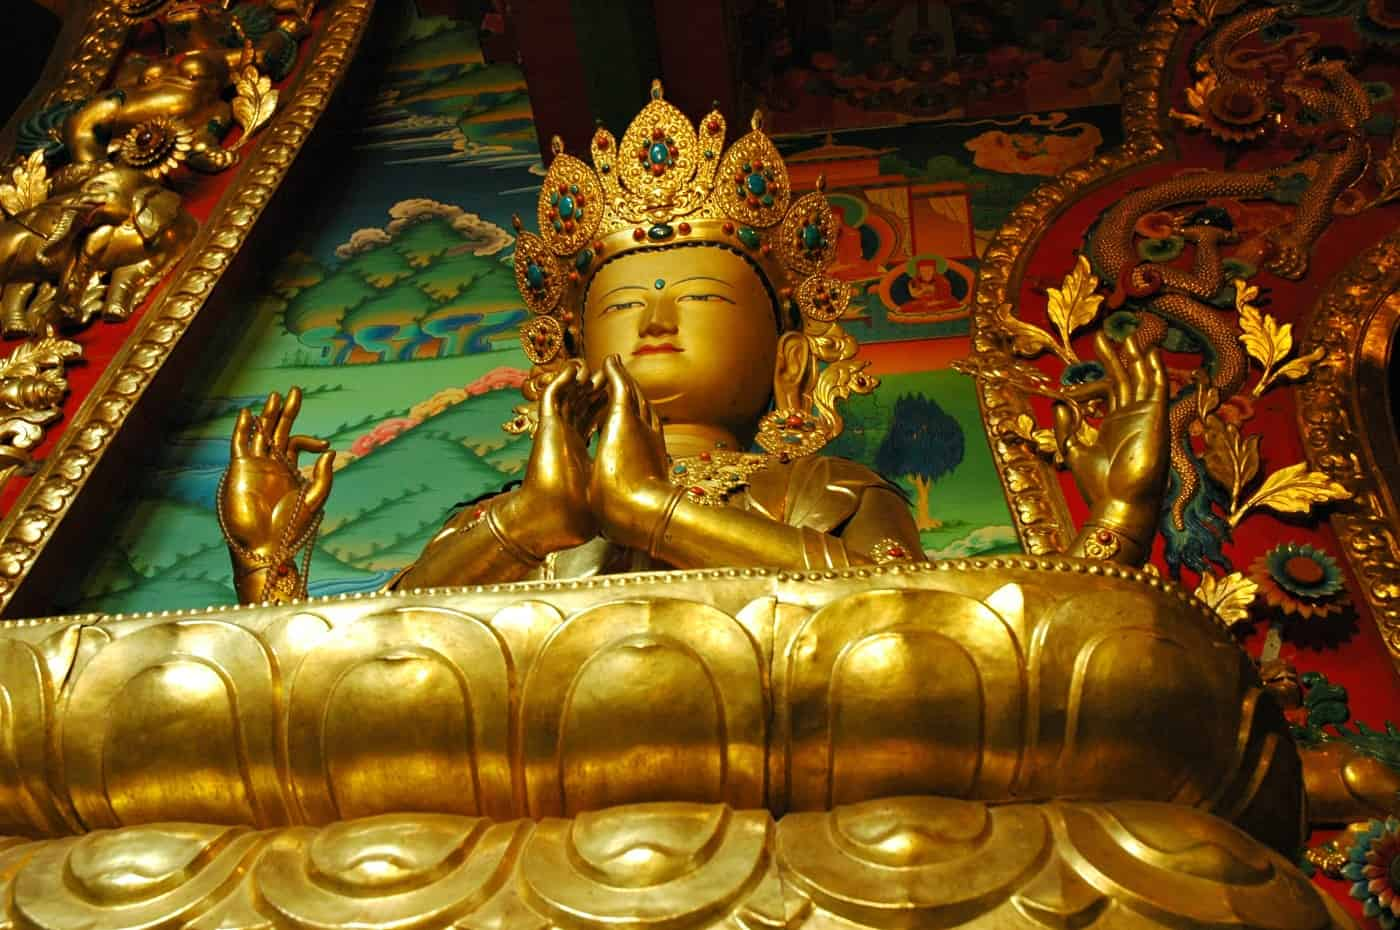 Statue of Chenrezig, Bodhisattva of Compassion